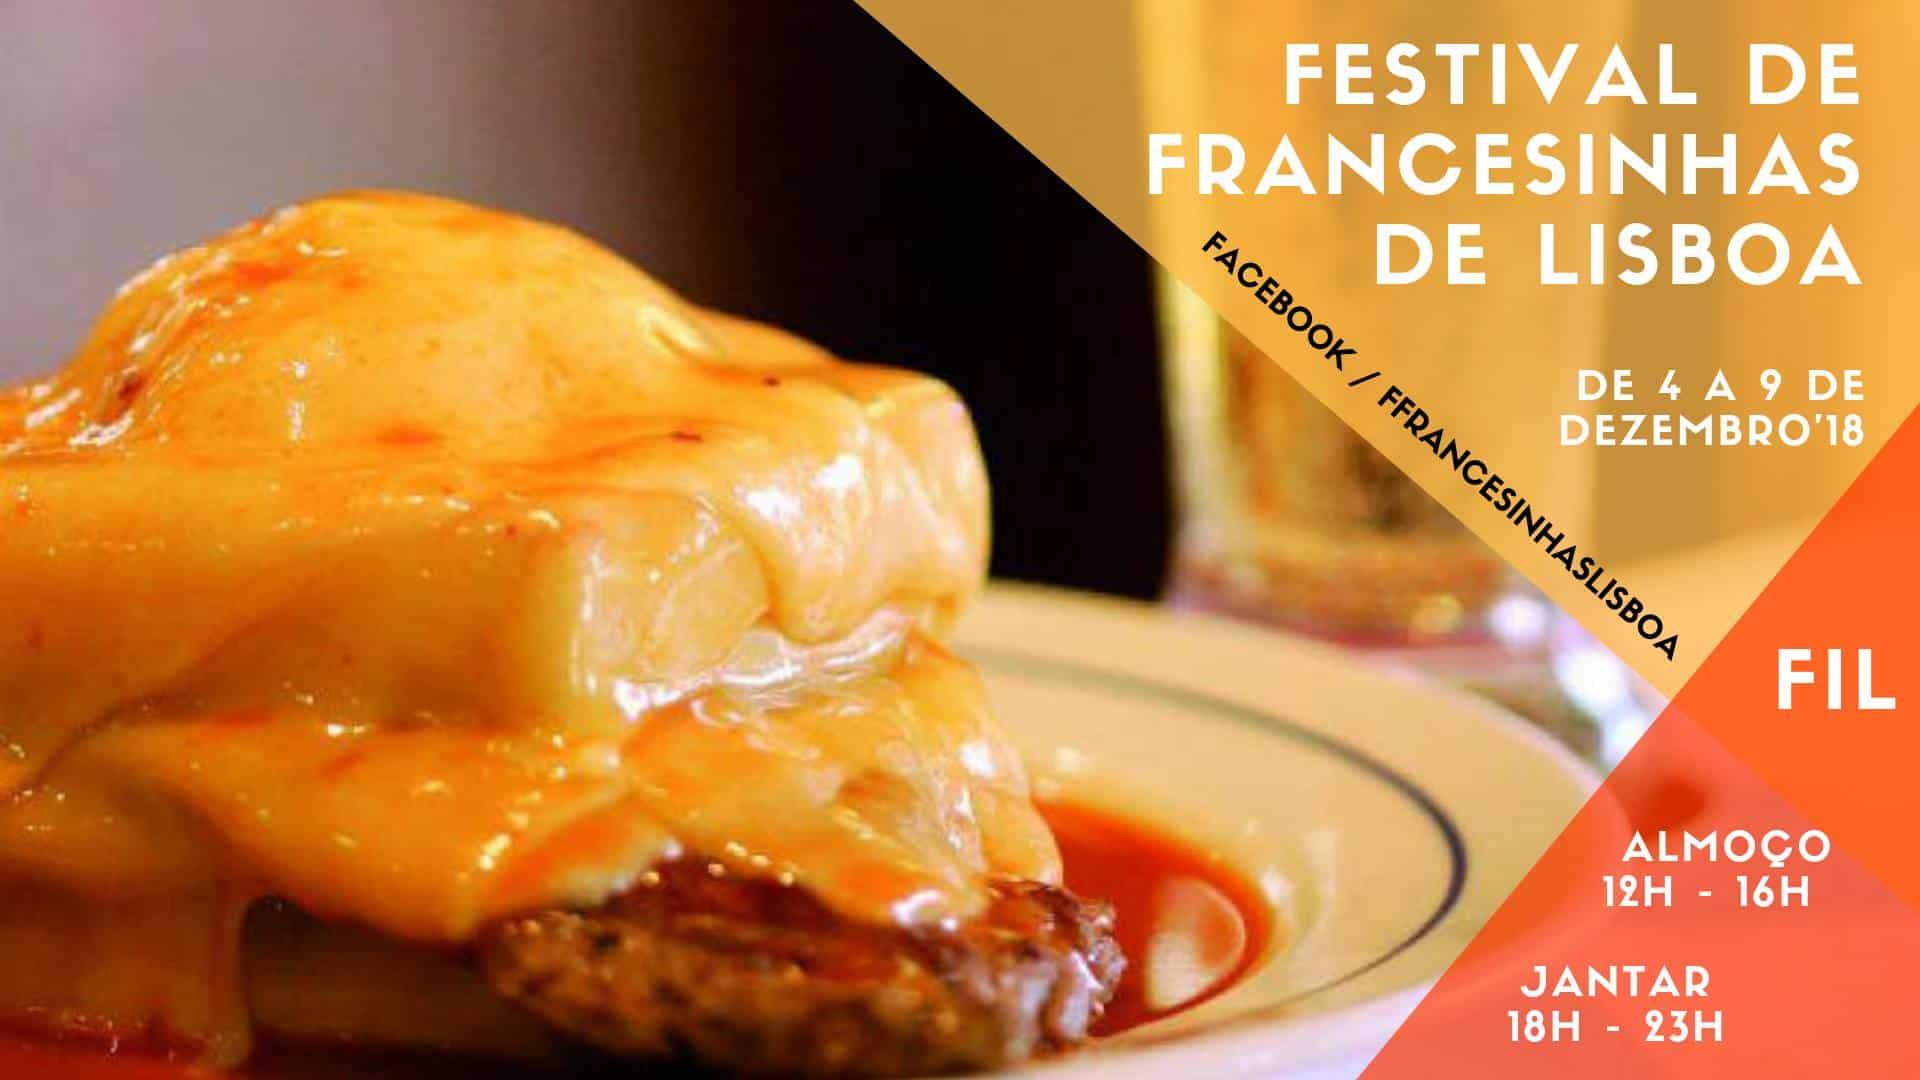 FESTIVAL DA FRANCESINHA 2018 | FIL